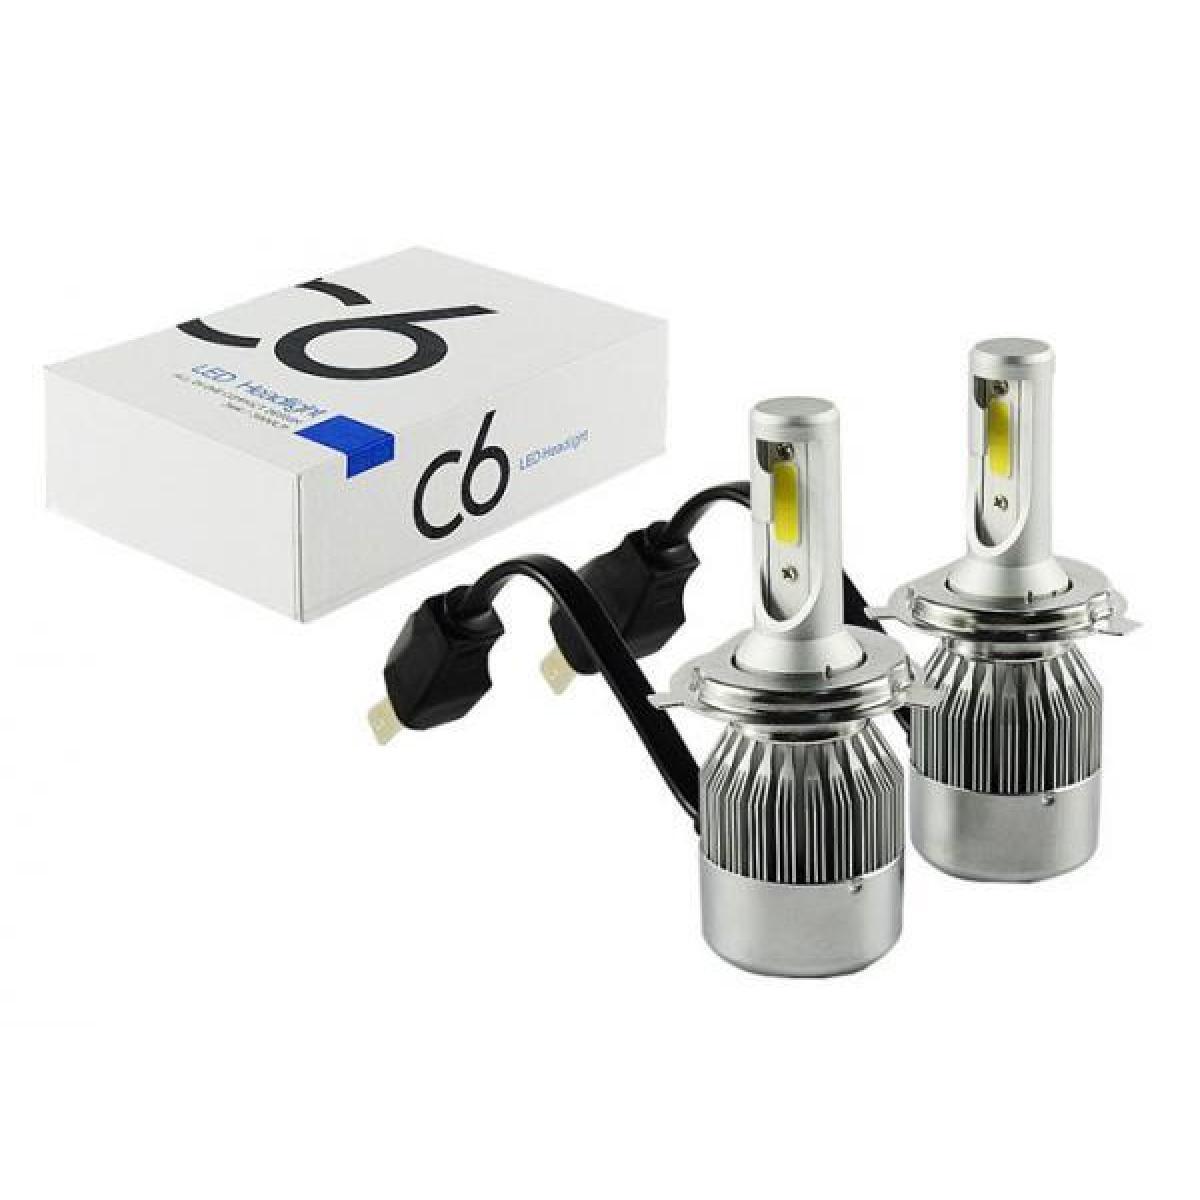 Галогенные лампы для авто C6-H4 (2шт.)